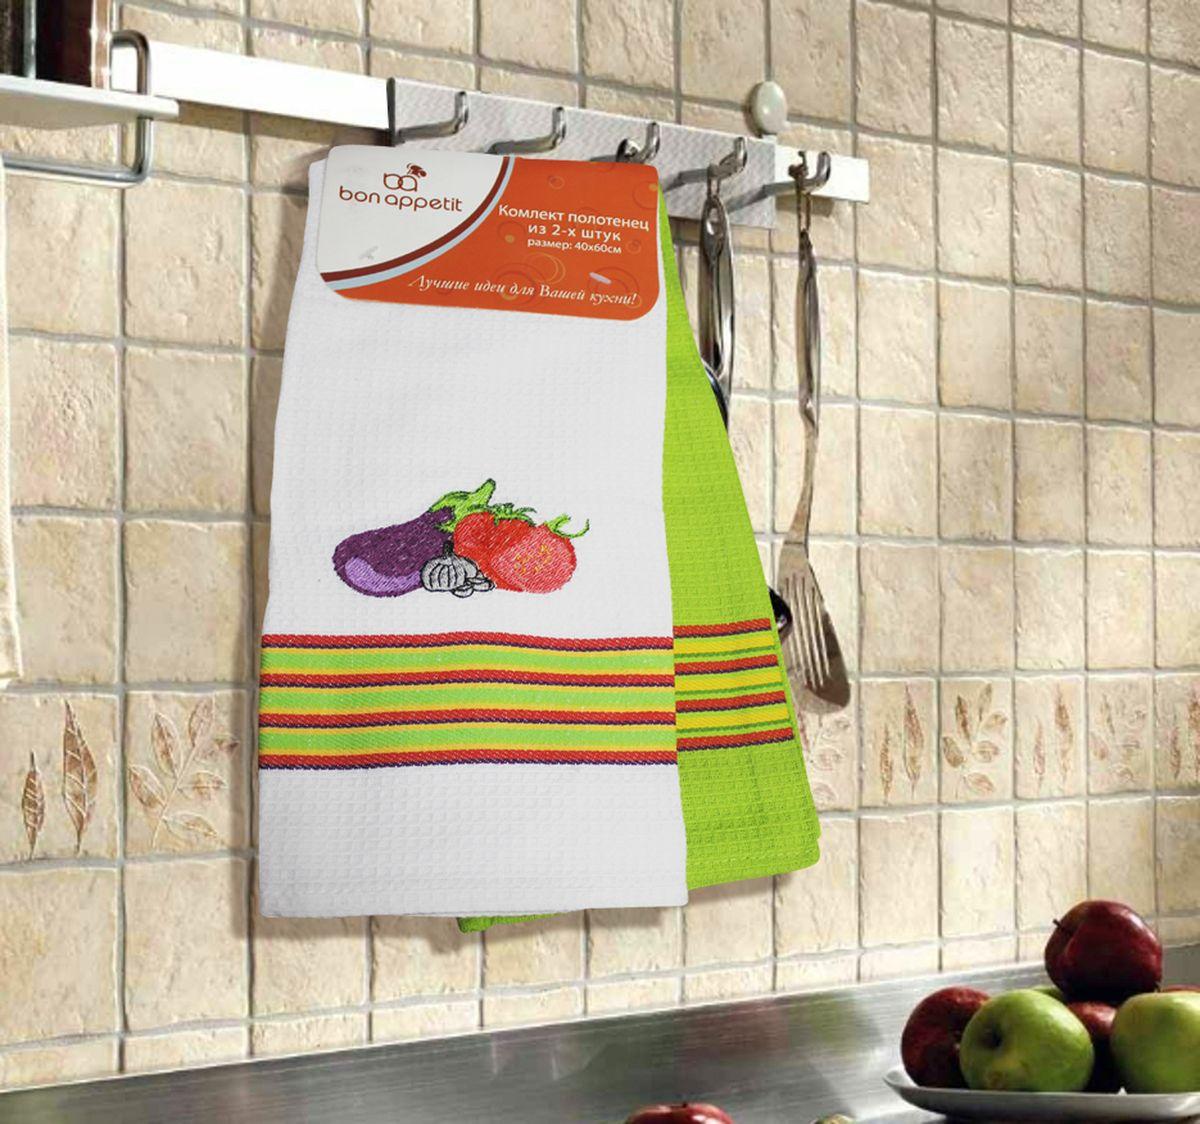 Набор кухонных полотенец Bon Appetit Vegetables, цвет: зеленый, 2 шт64861Кухонные Полотенца Bon Appetit - В помощь хозяйке на кухне!!! Кухонные Полотенца Bon Appetit идеально дополнят интерьер вашей кухни и создадут атмосферу уюта и комфорта. Полотенца выполнены из натурального 100% Хлопка, поэтому являются экологически чистыми. Качество материала гарантирует безопасность не только взрослых, но и самых маленьких членов семьи. Bon Appetit – Интерьер и Практичность Современной Кухни!